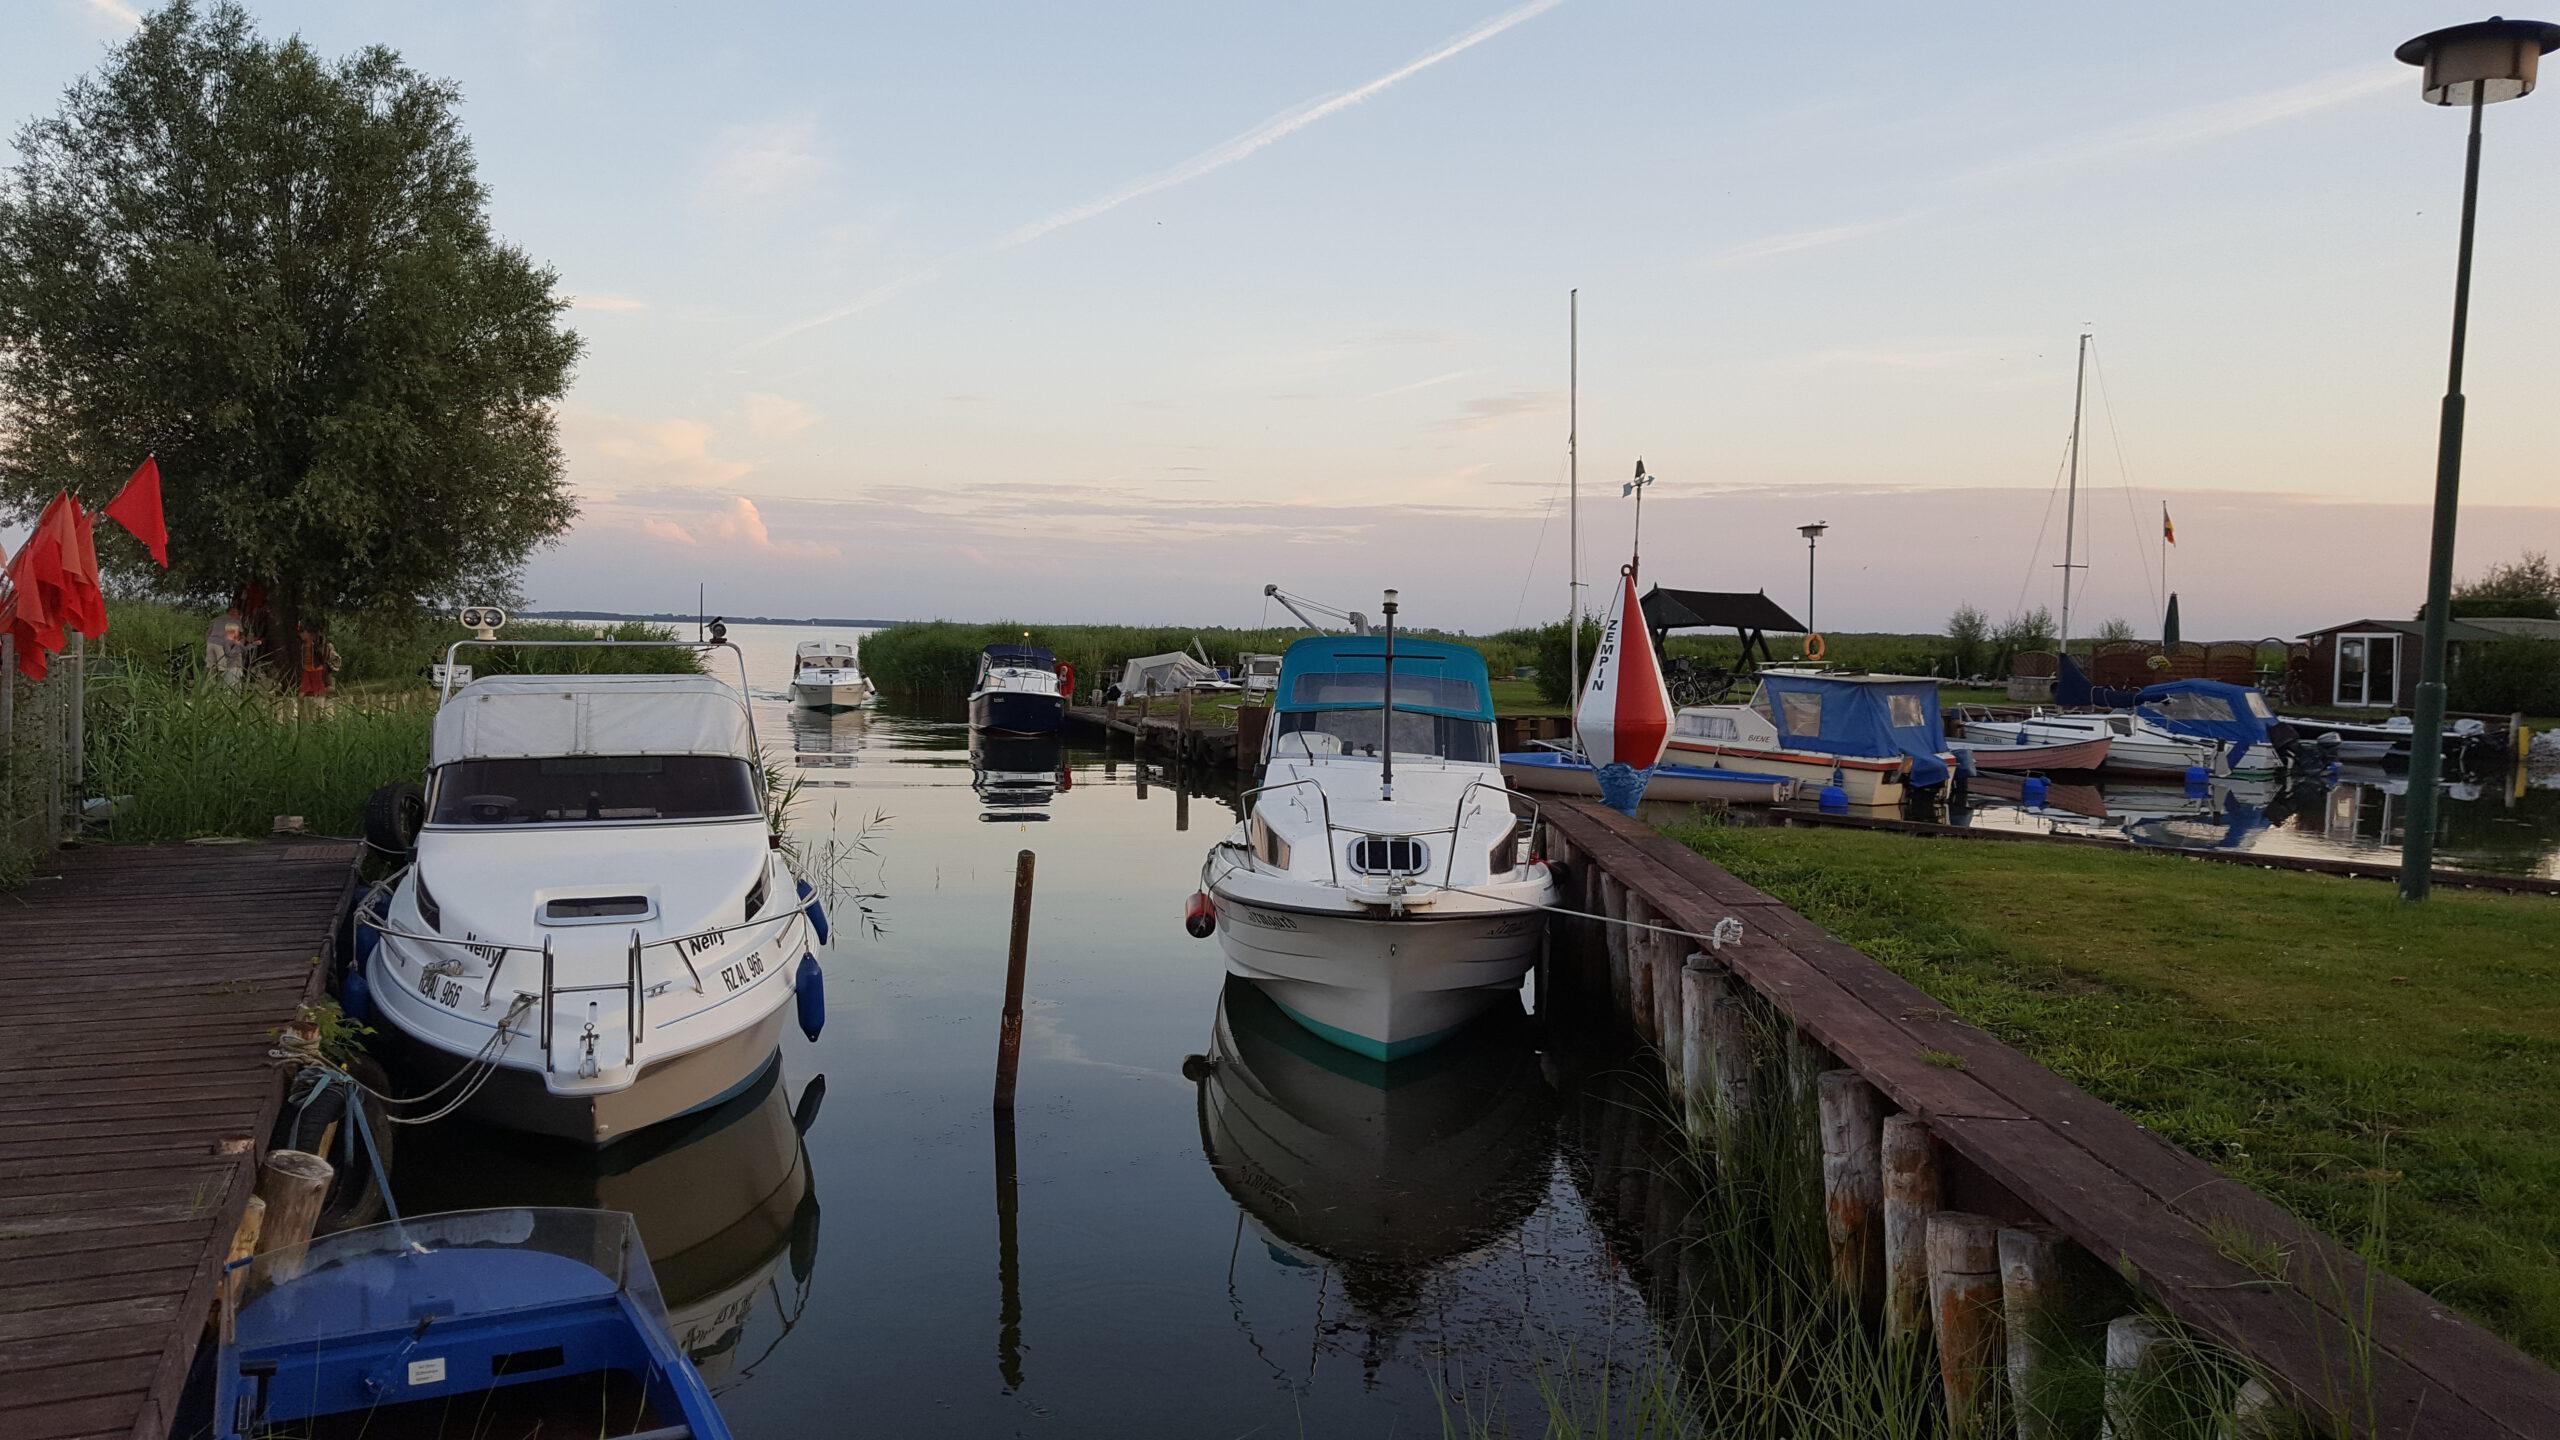 Hafen am Achterwasser am Abend Zempin Insel Usedom Ausflugsziel Erholung Urlaub